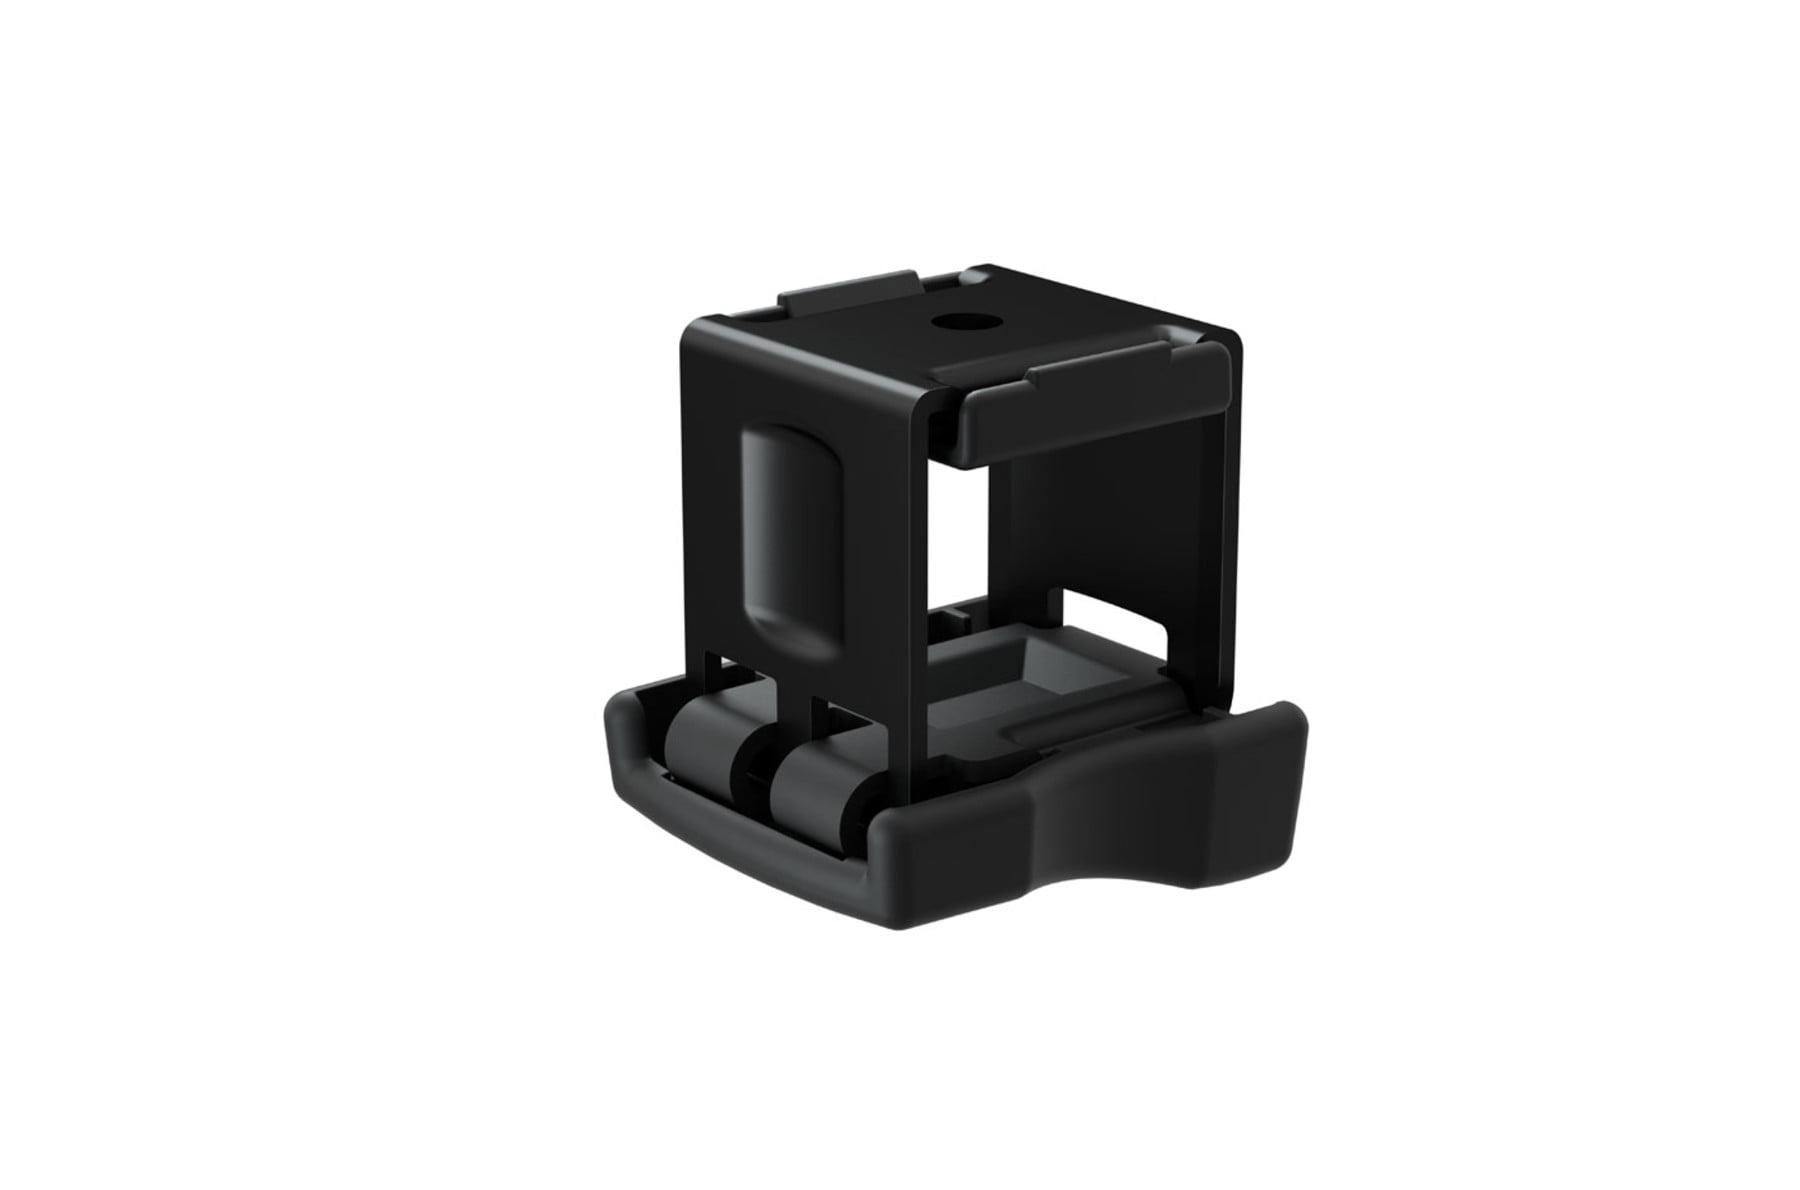 Thule SnowPack SquareBar Adapter 4 pack 3